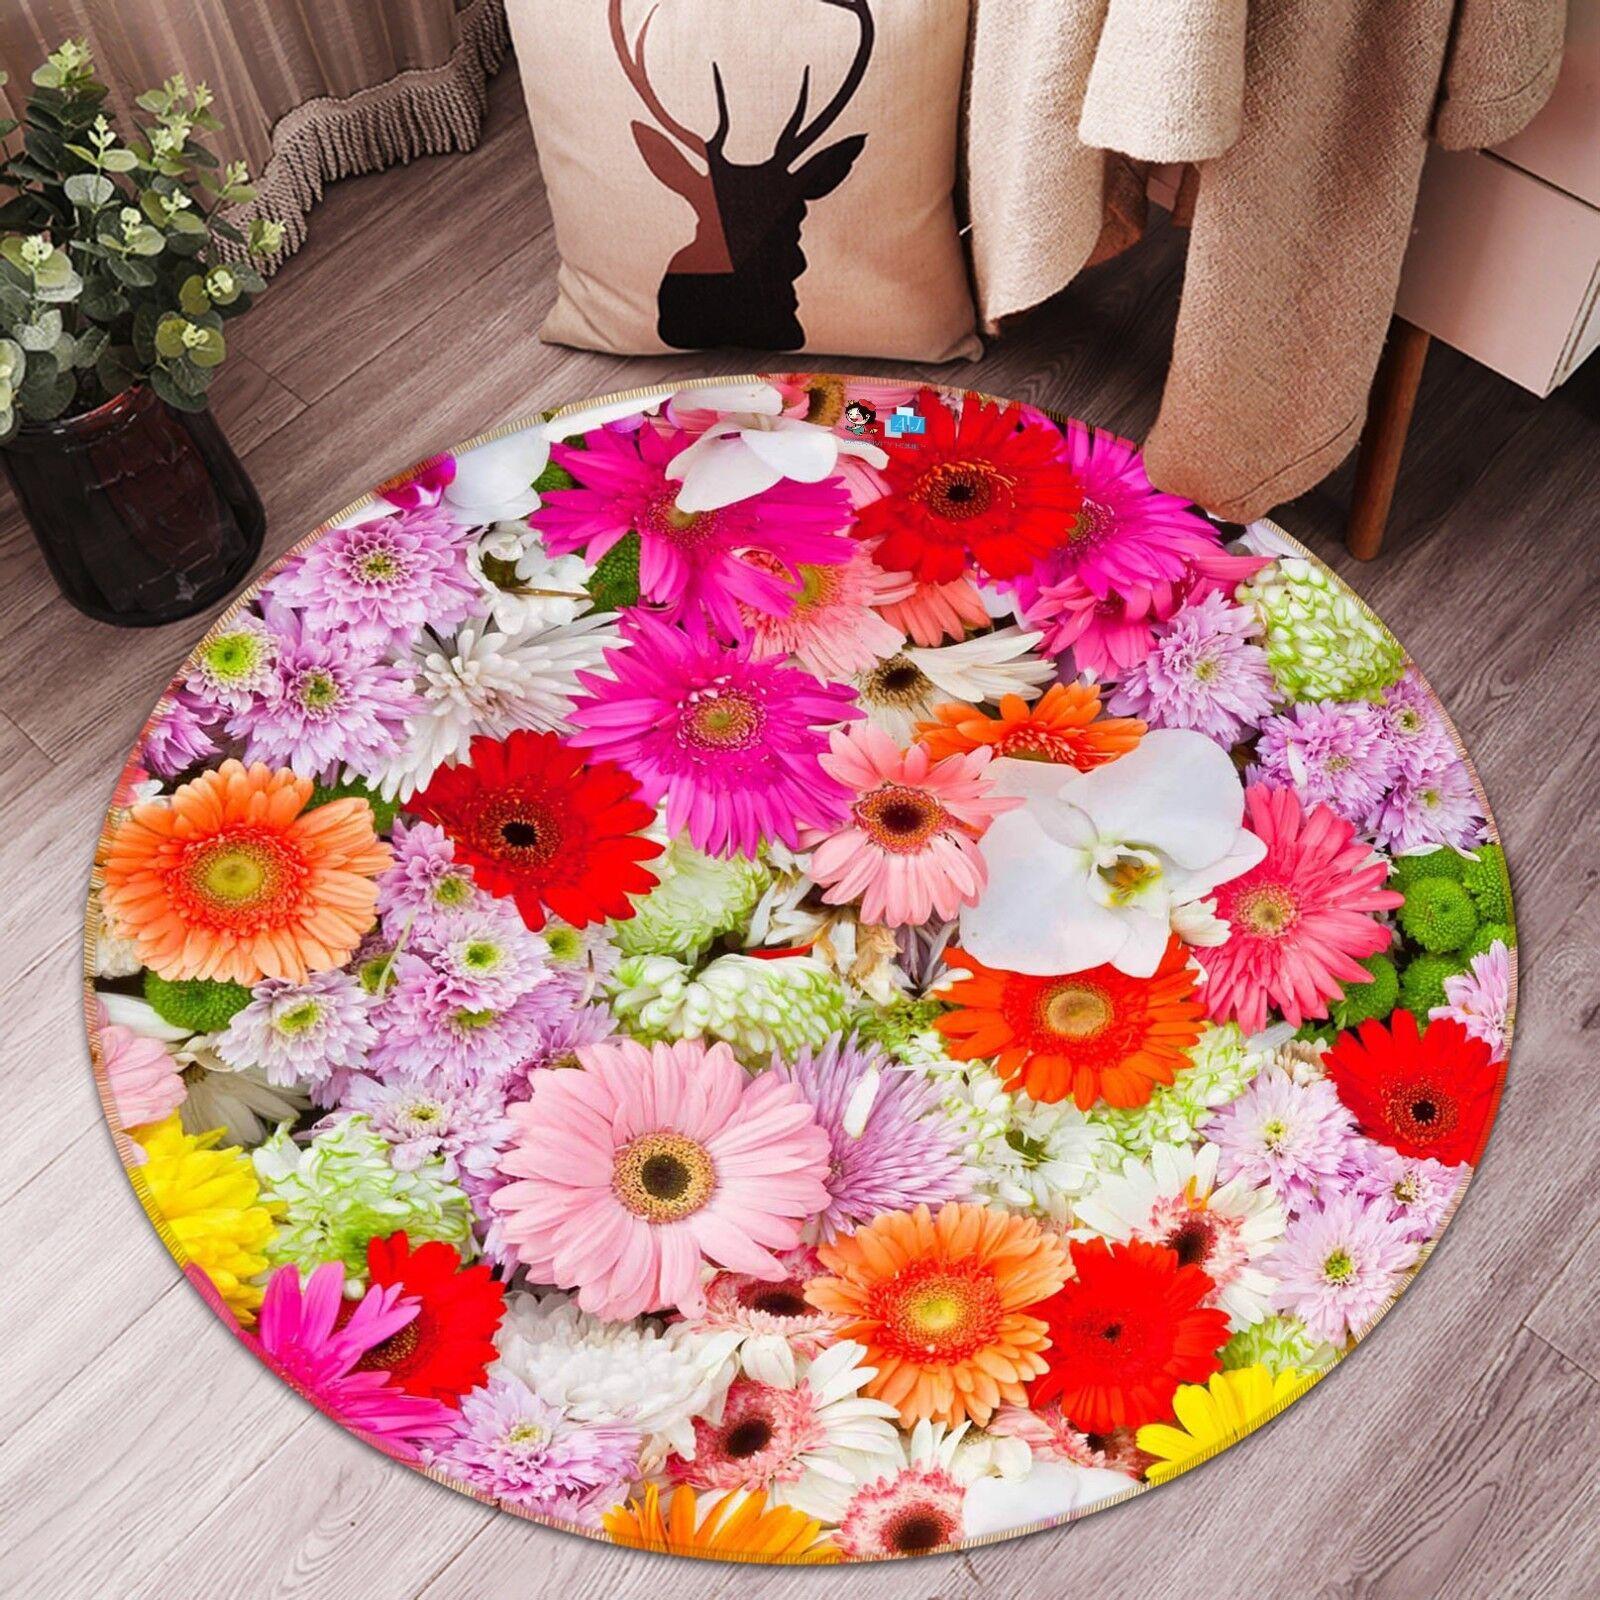 3d FIORI ColoreeeATI 43 antiscivolo tappeto tappetino bagagliaio tappeto rossoondo elegante